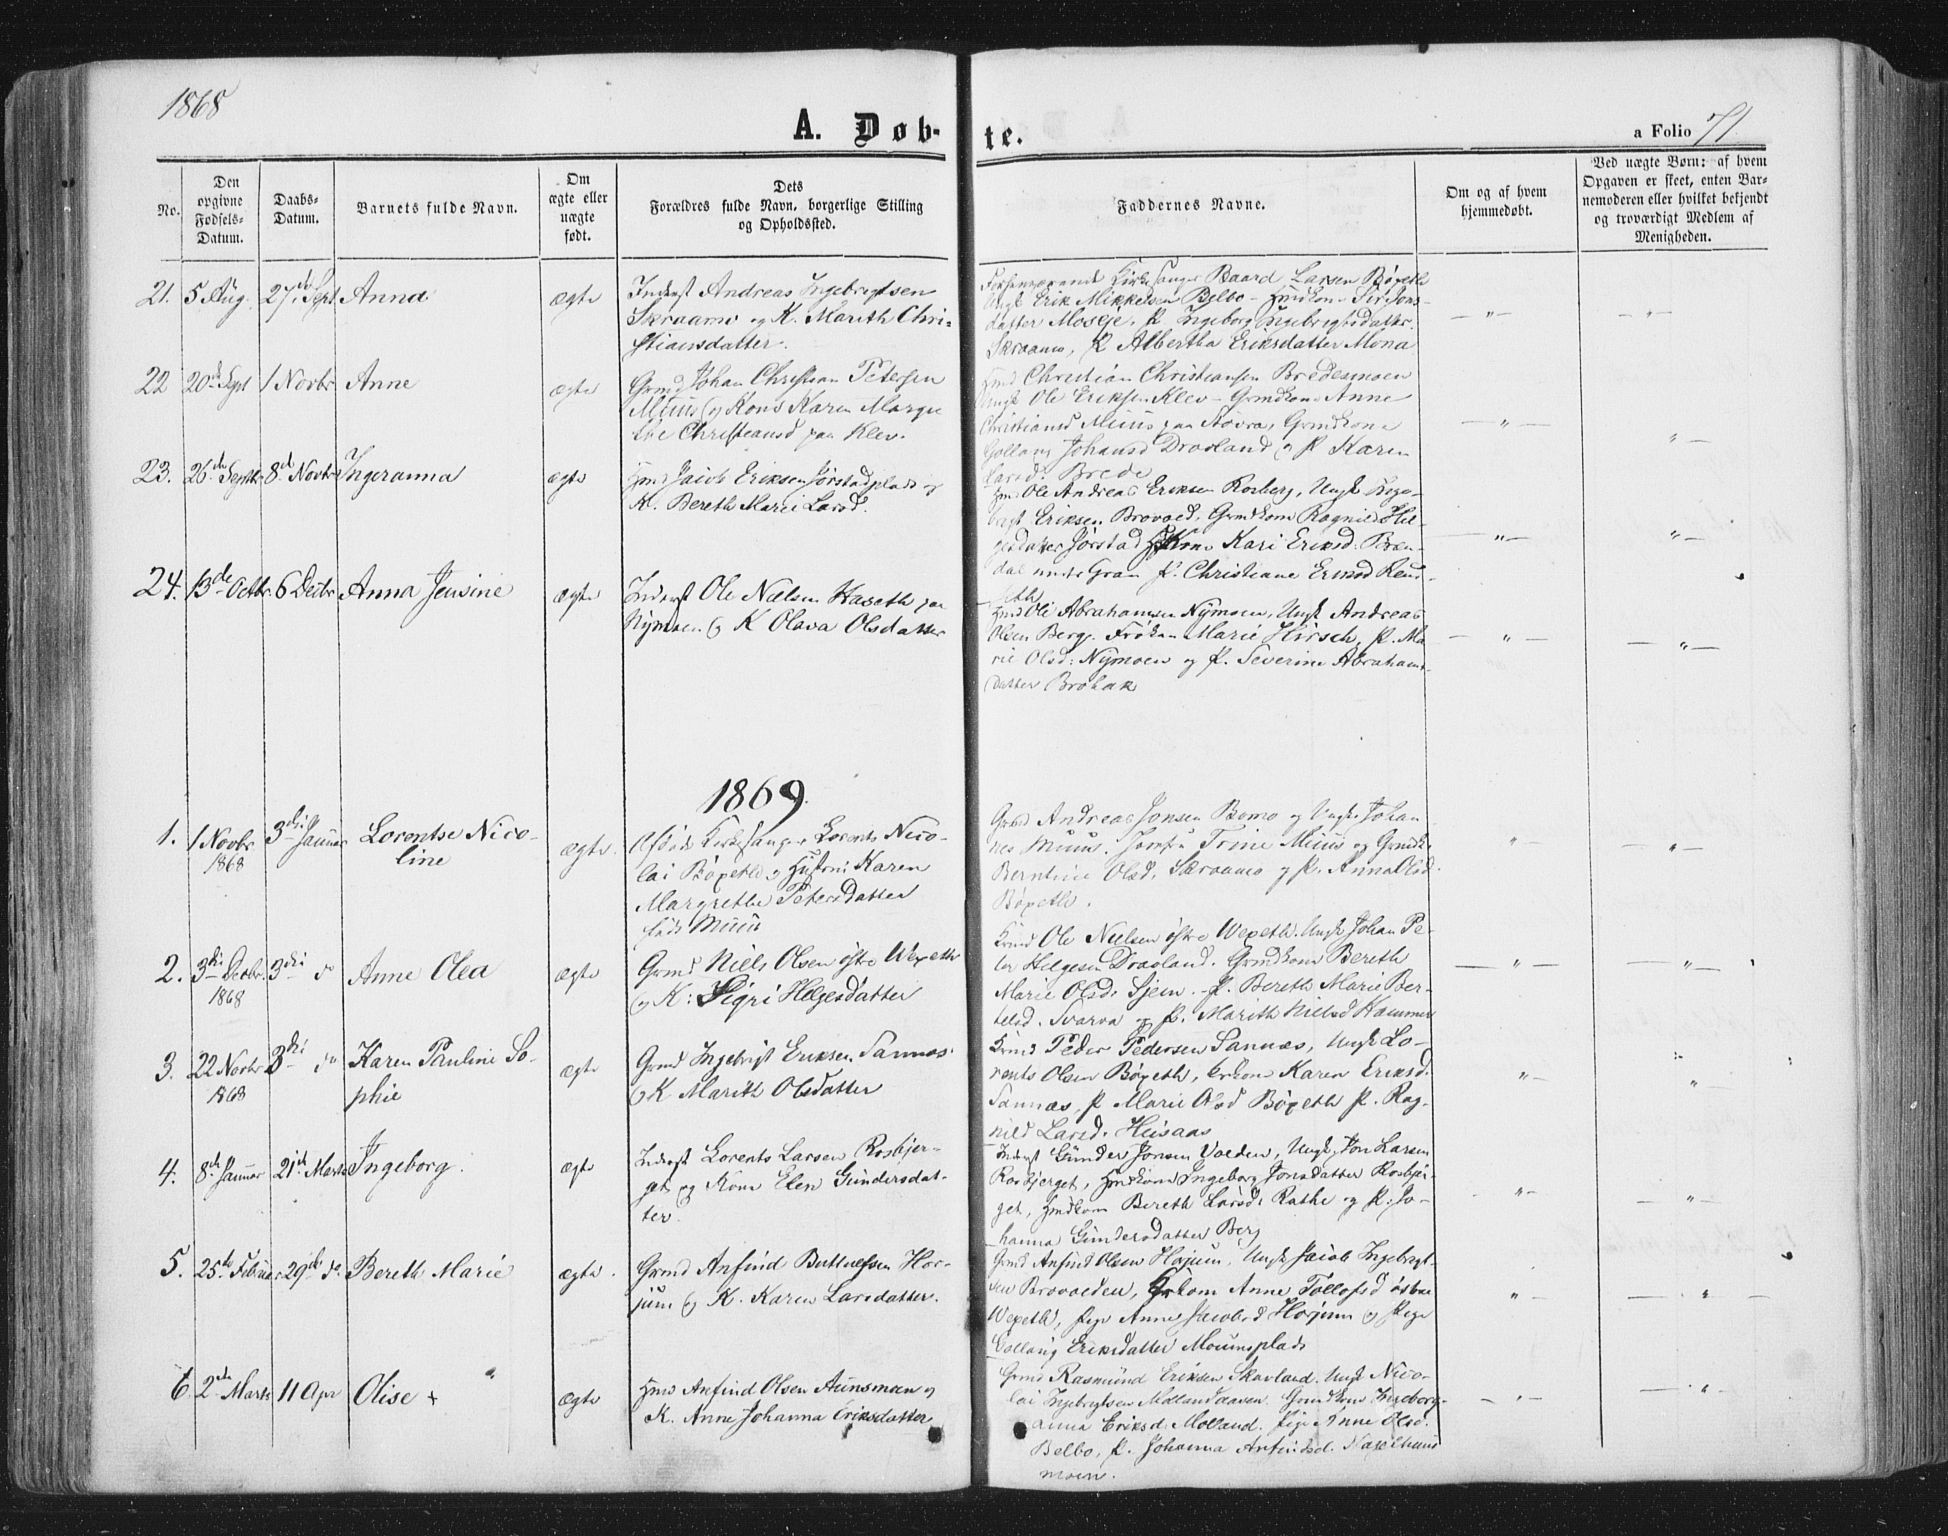 SAT, Ministerialprotokoller, klokkerbøker og fødselsregistre - Nord-Trøndelag, 749/L0472: Ministerialbok nr. 749A06, 1857-1873, s. 71